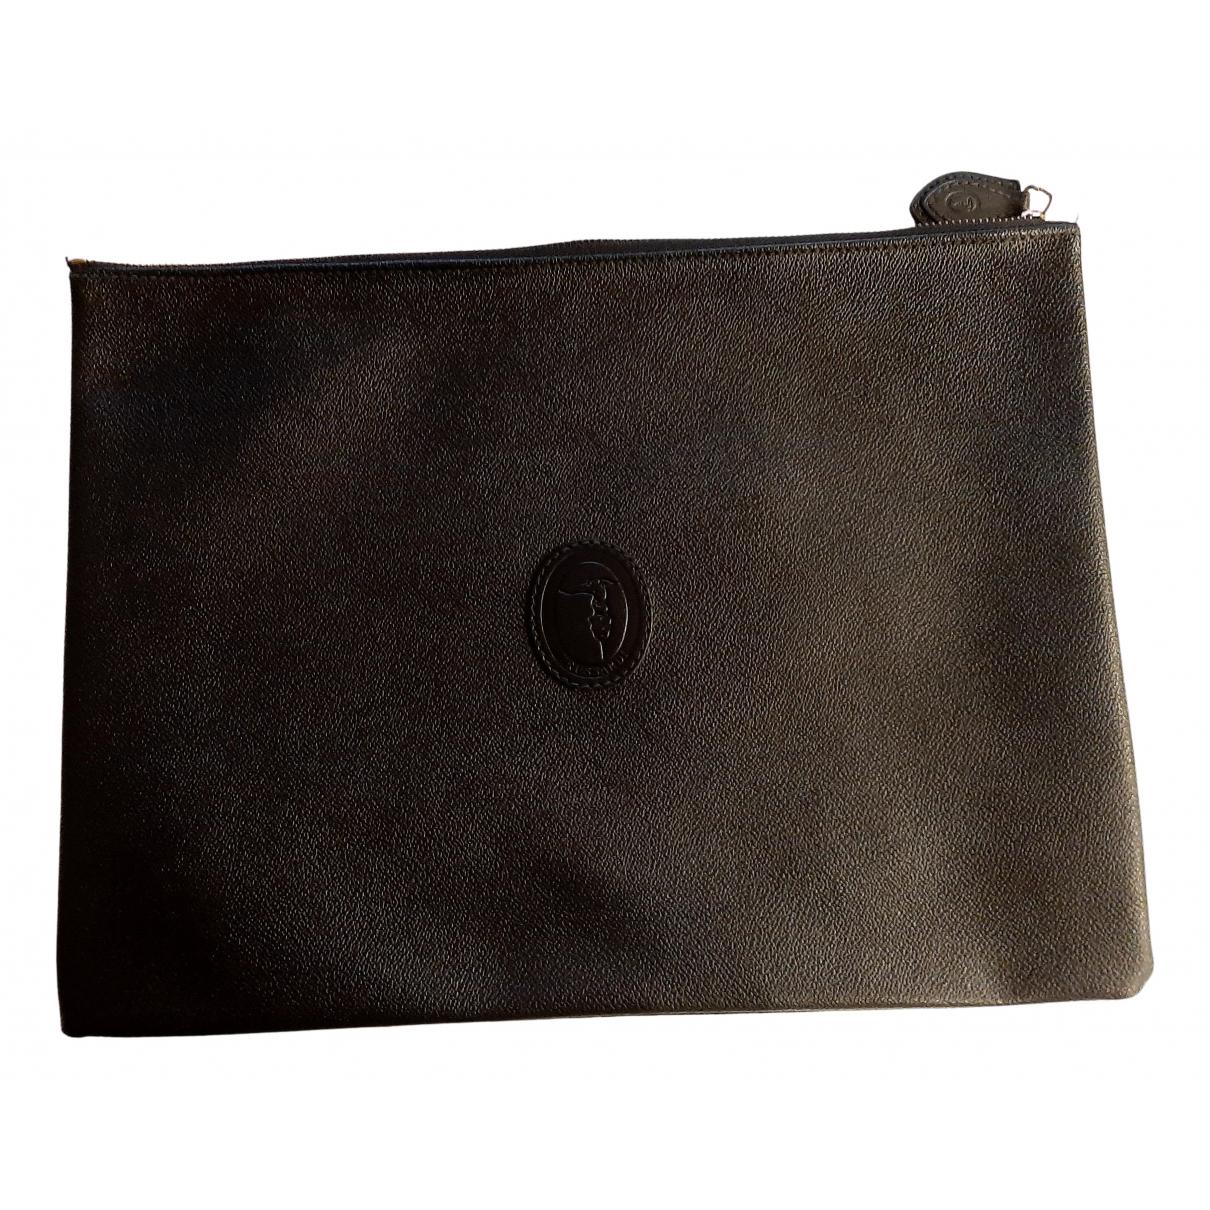 Trussardi - Pochette   pour femme en cuir - noir